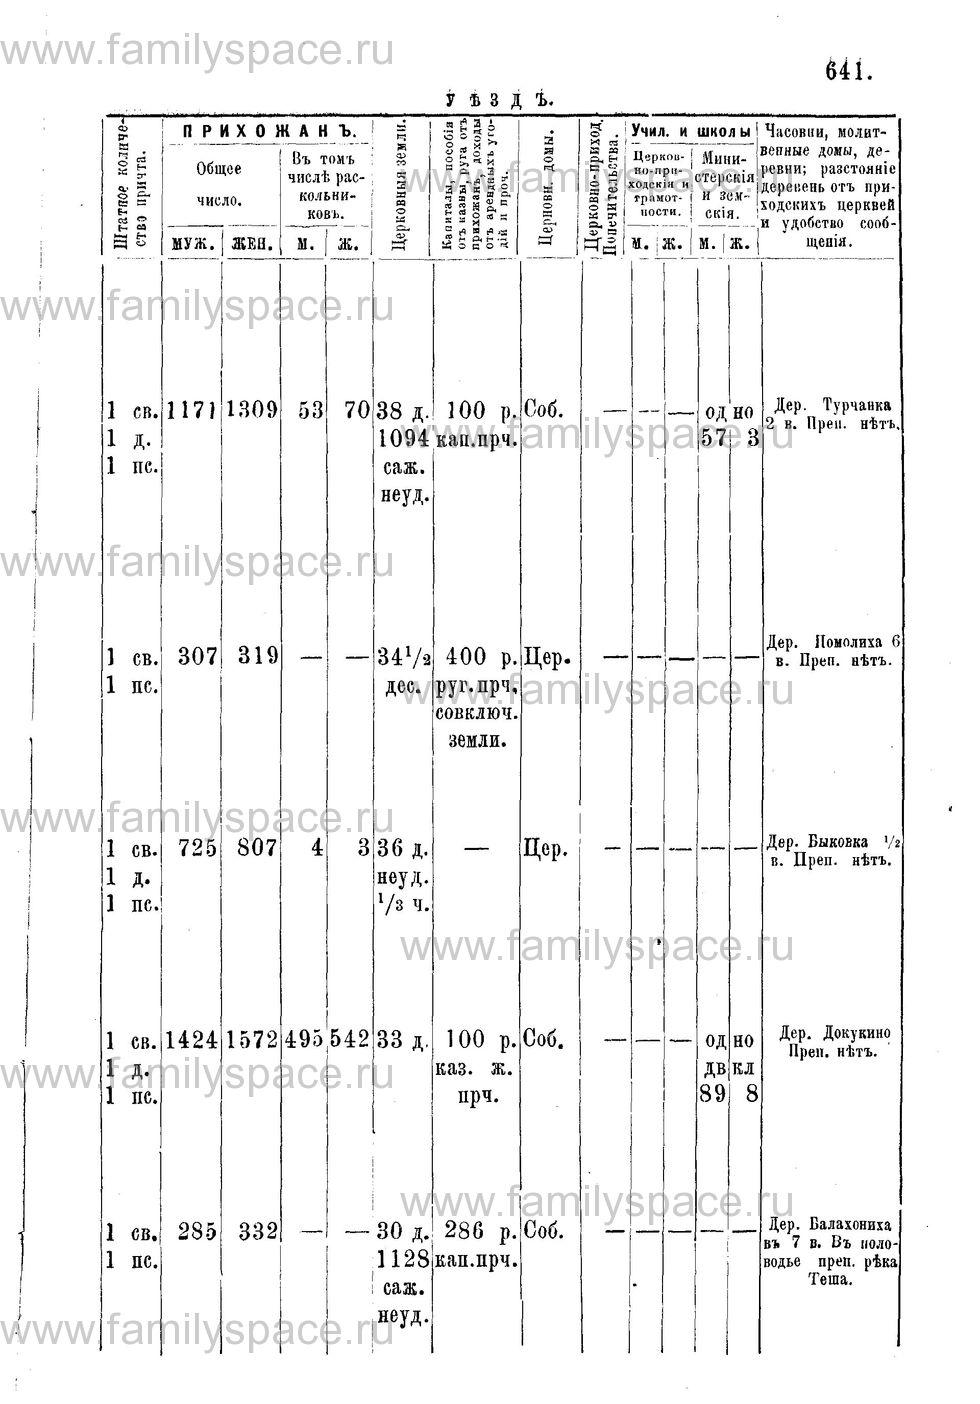 Поиск по фамилии - Адрес-календарь Нижегородской епархии на 1888 год, страница 1641